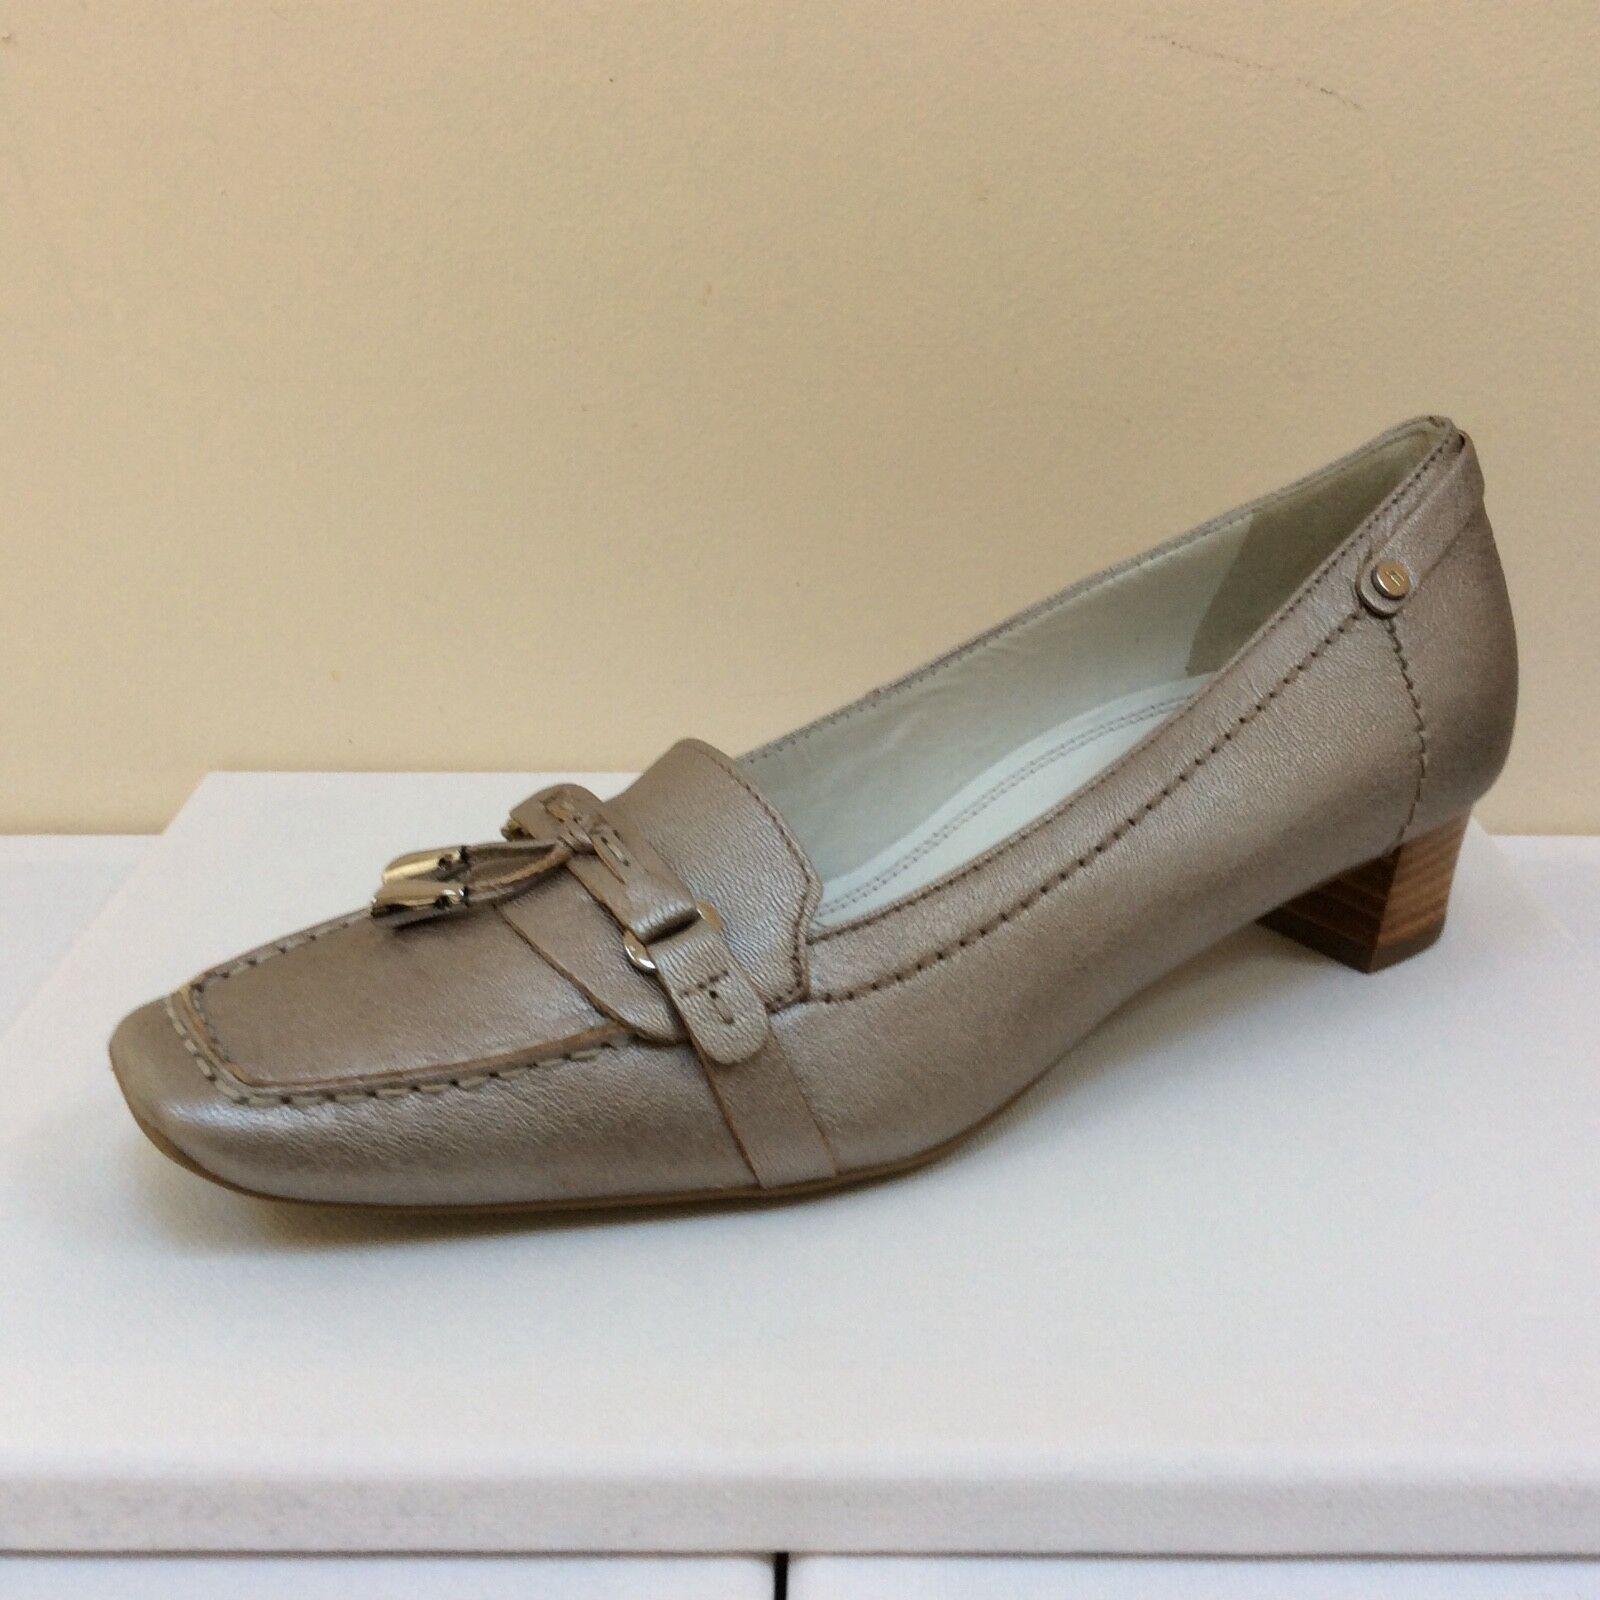 Hogl silver-pewter Leder low heeled loafers, UK 8,   BNWB